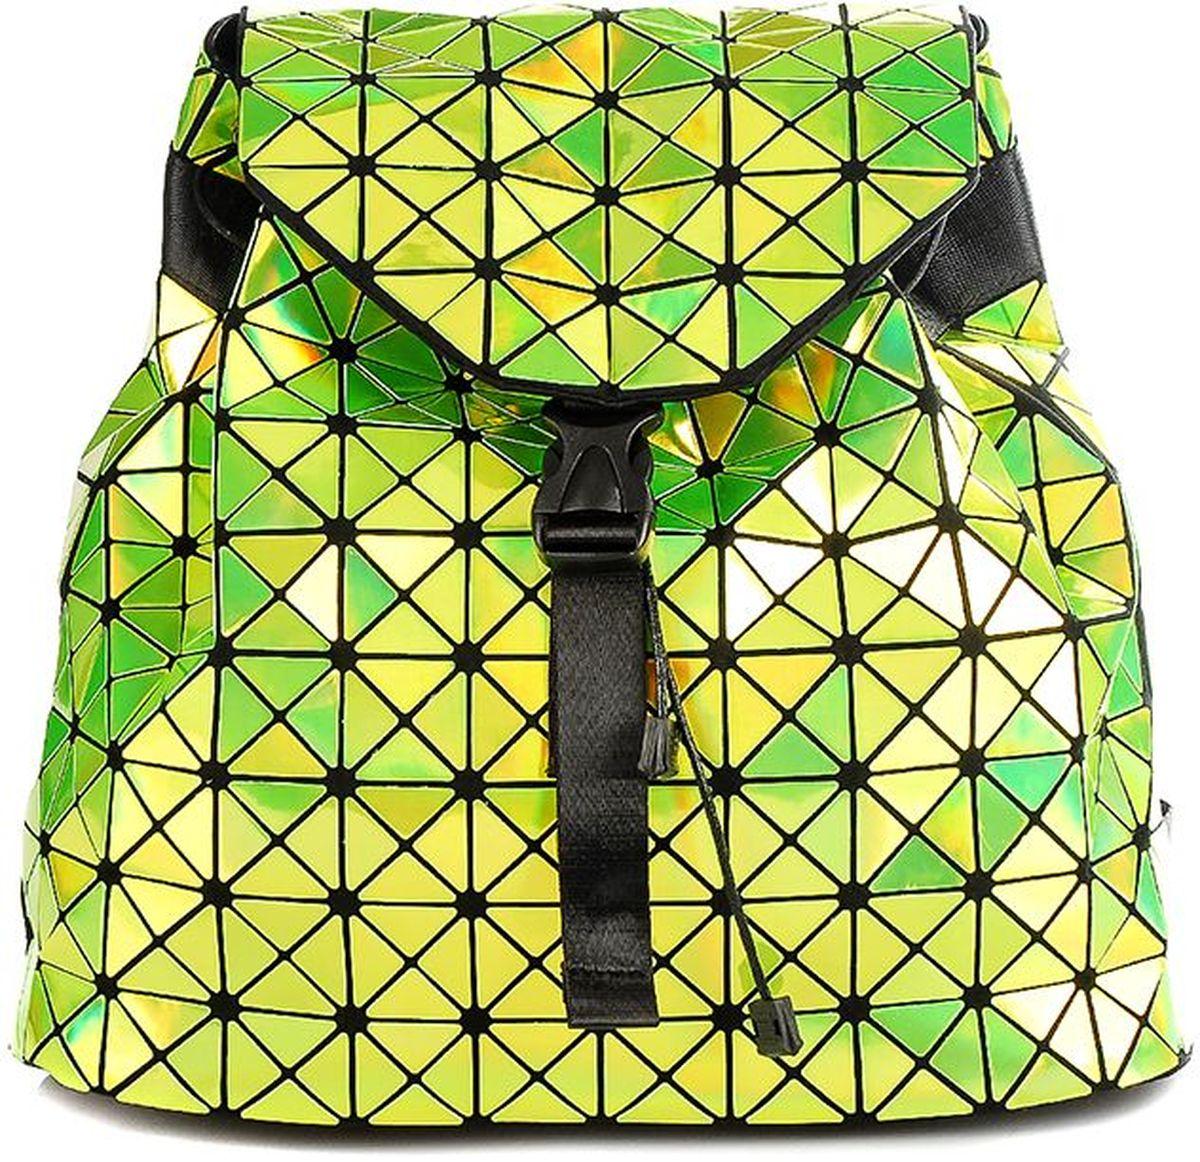 Рюкзак силиконовый Sabellino, цвет: манго. 0111016457_650111016457_65Легкий вместительный рюкзак, закрывается на крышку с застежкой, изделие затягивается, что позволит сделать его компактным или более вместительным. Внутри тканевый подклад, карман на молнии для документов, отделения для мелочи и мобильного телефона, уплотненное дно. Мягкие регулируемые лямки.